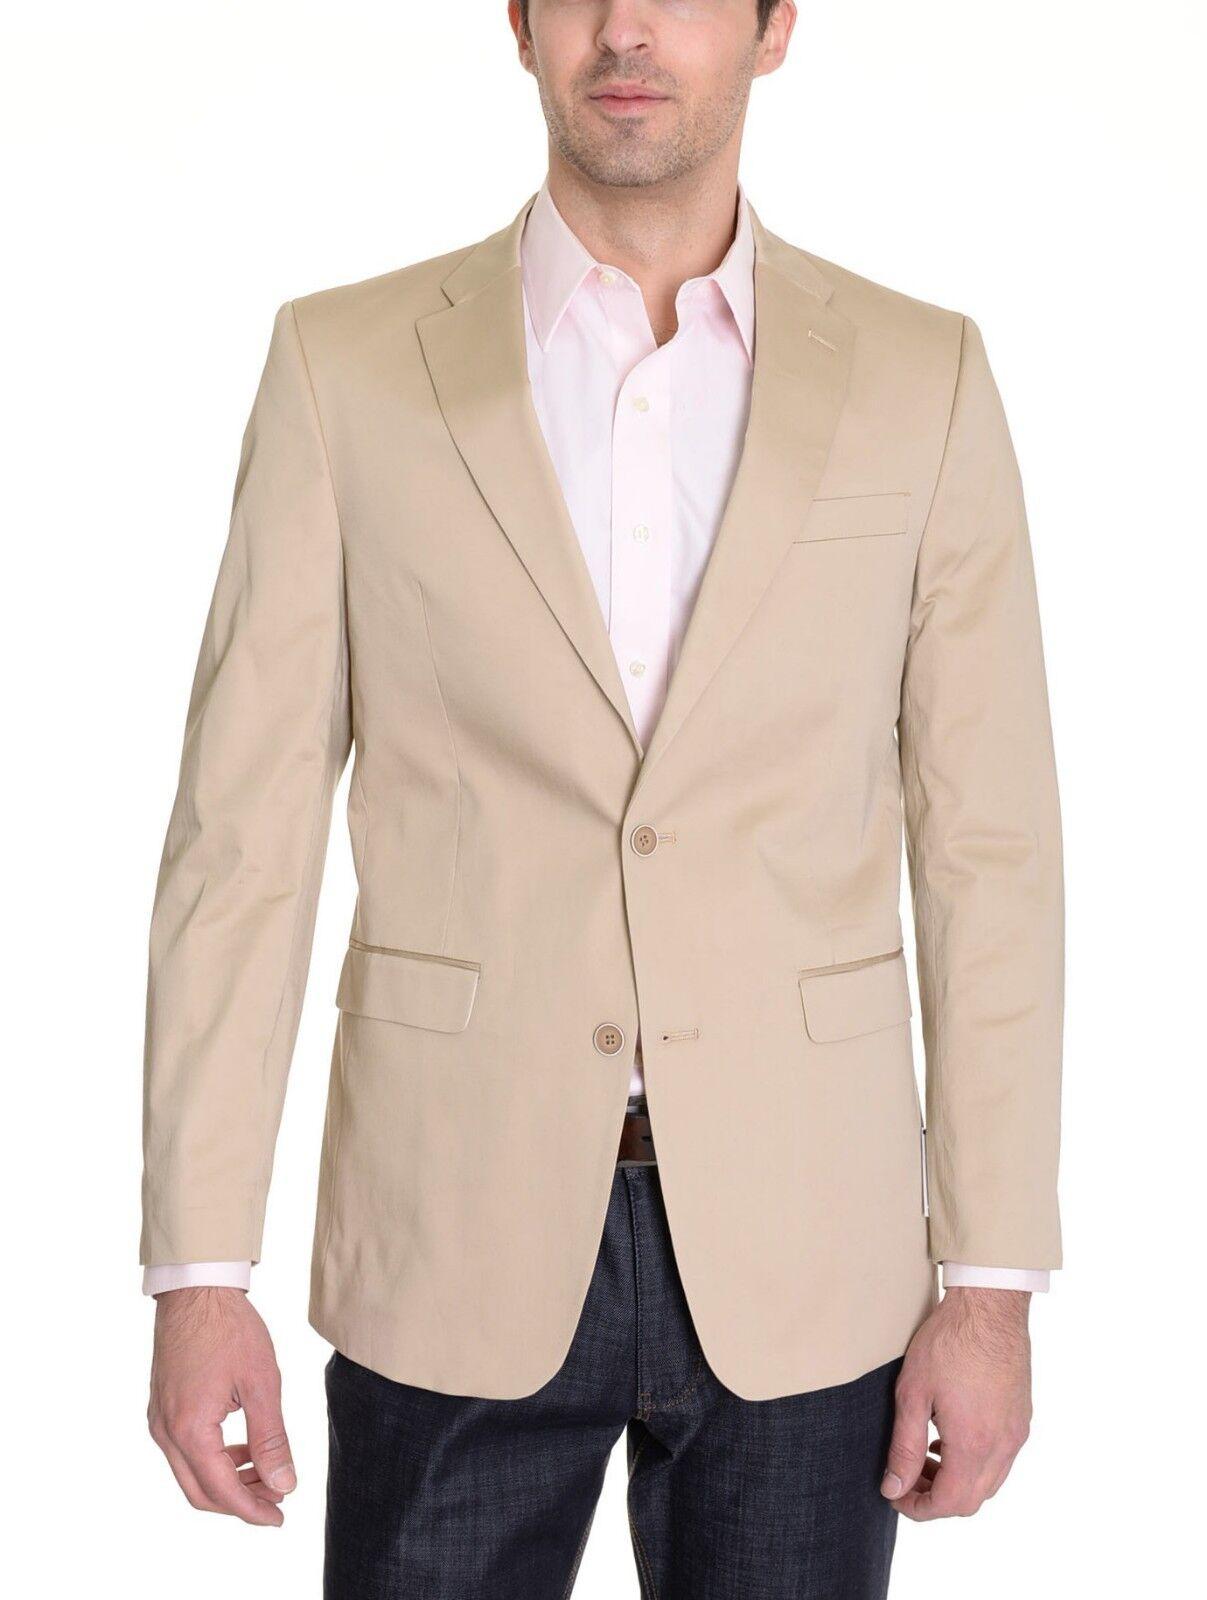 400 Tommy Hilfiger Khaki Tan Light Braun Cotton Trim Fit Summer Sportcoat 46R